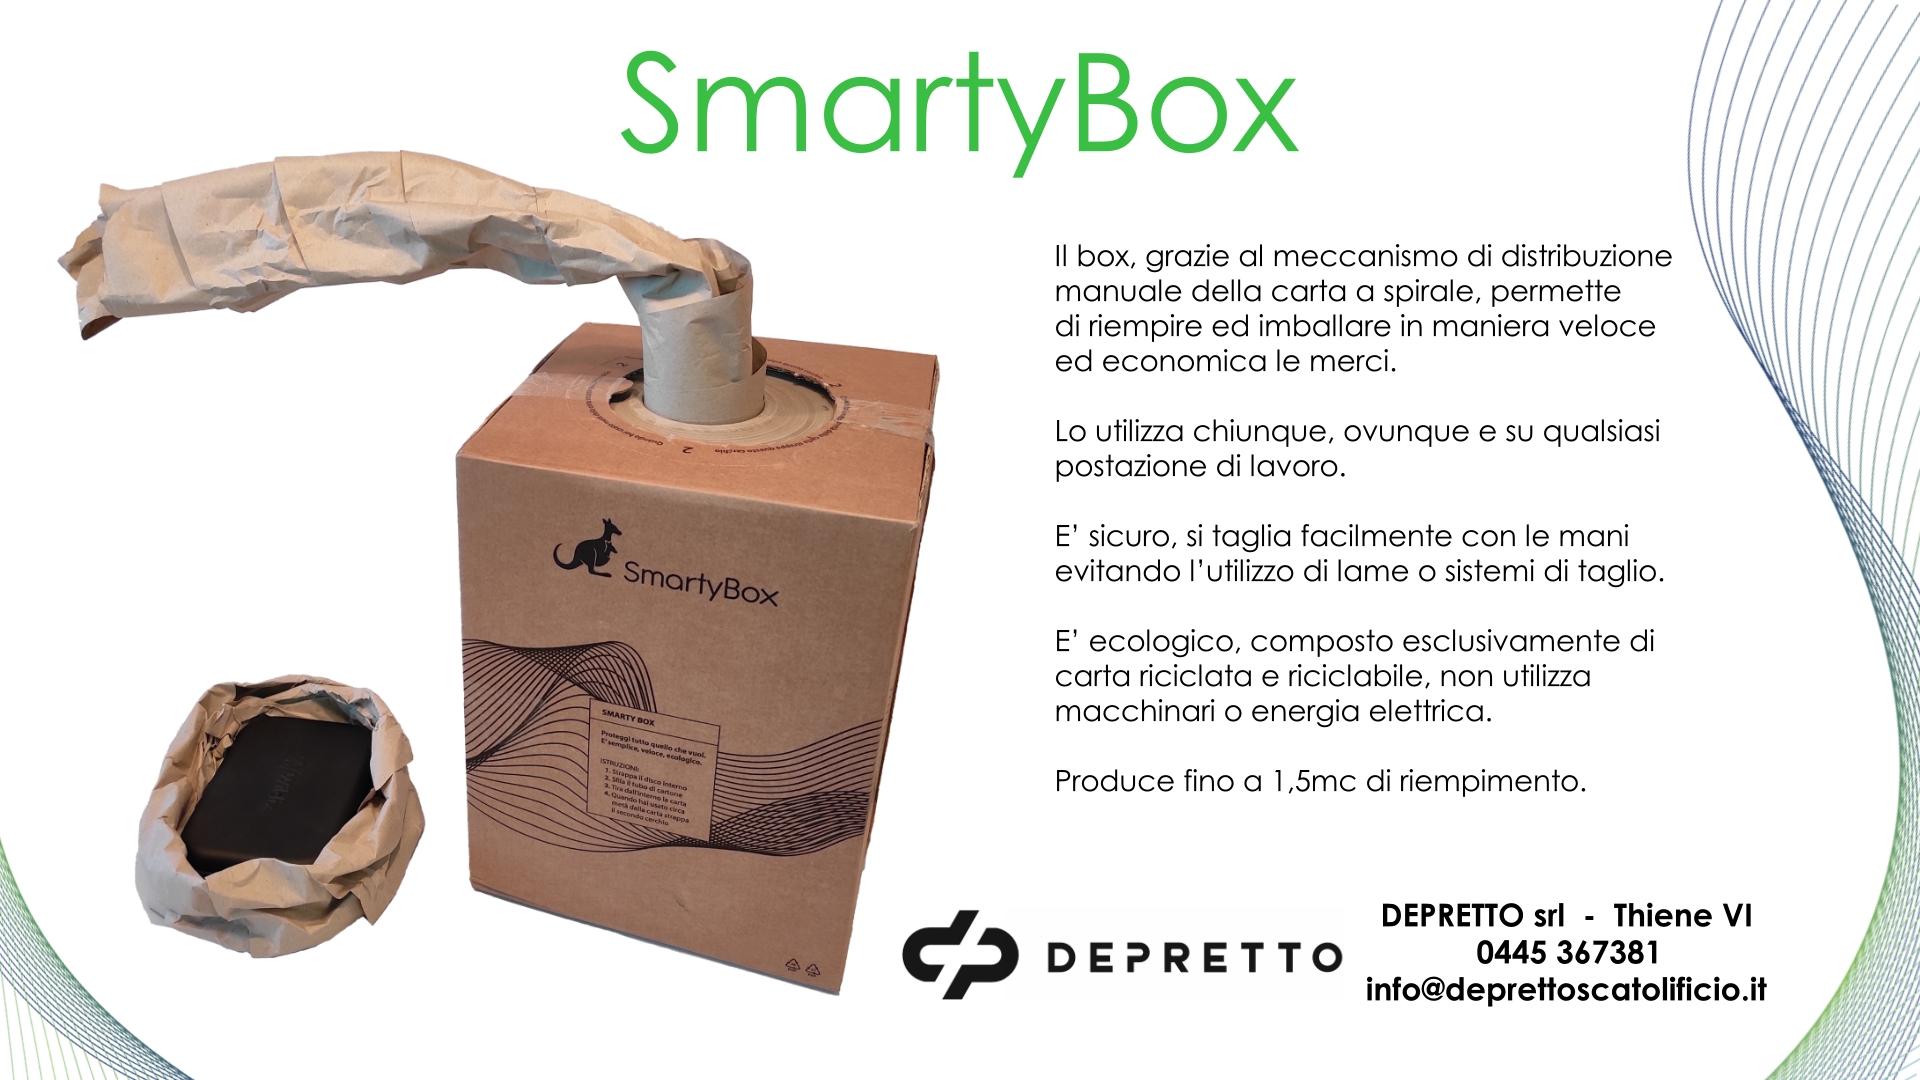 smartybox_deprettosrl